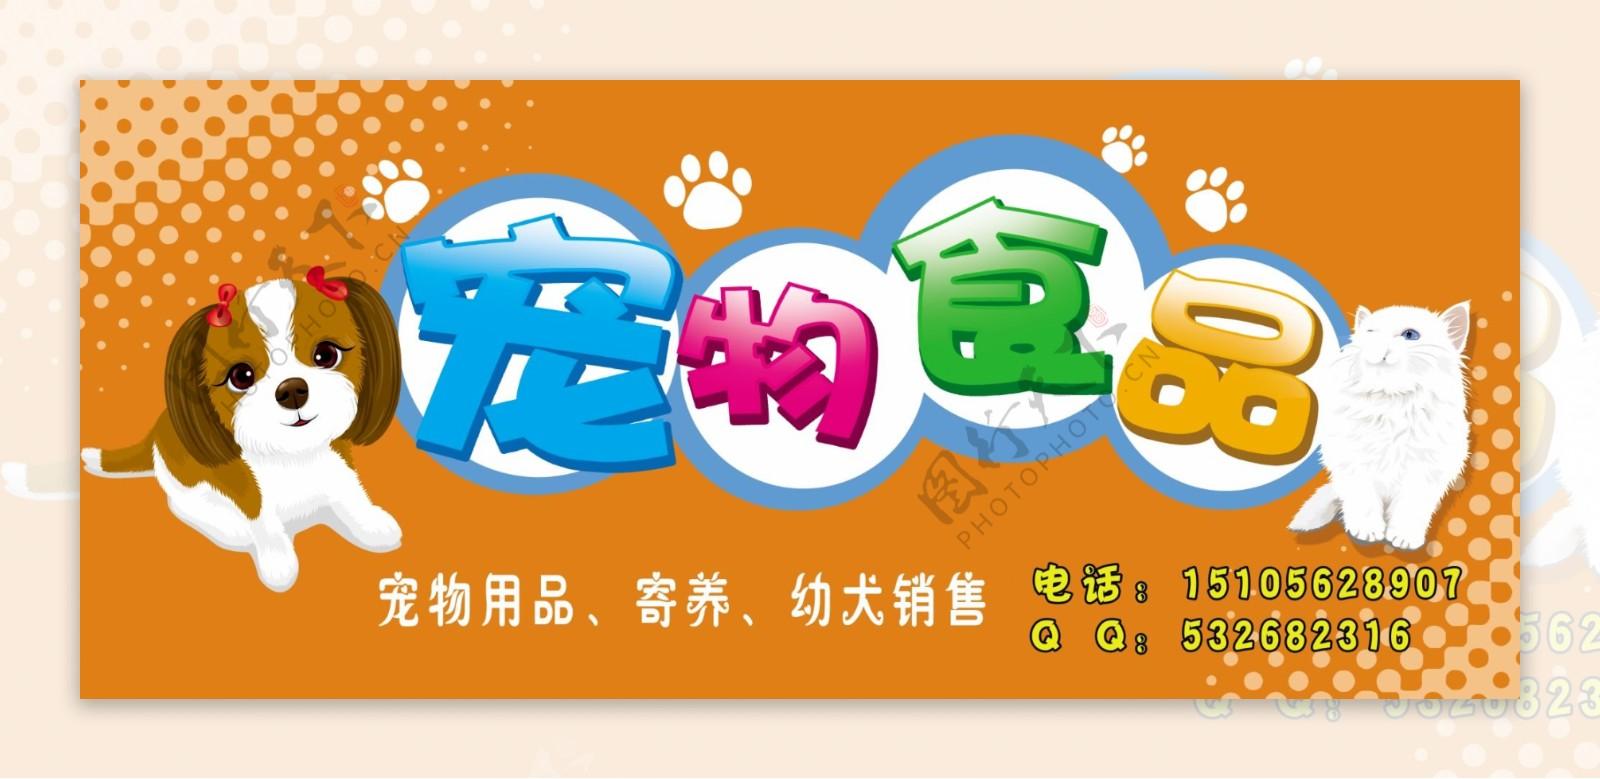 宠物食品门头图片